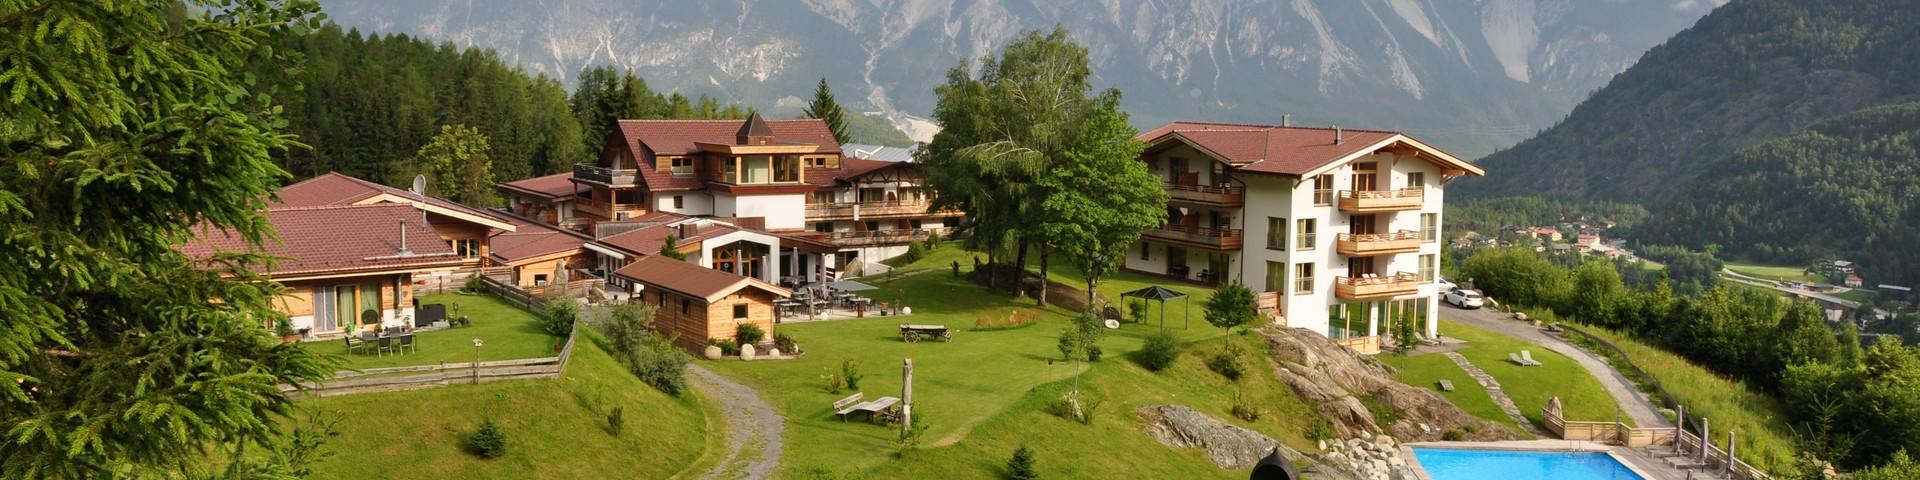 Hotel Ritzlerhof - Aussenanlage Sommer Vogelperspektive © Hotel Ritzlerhof